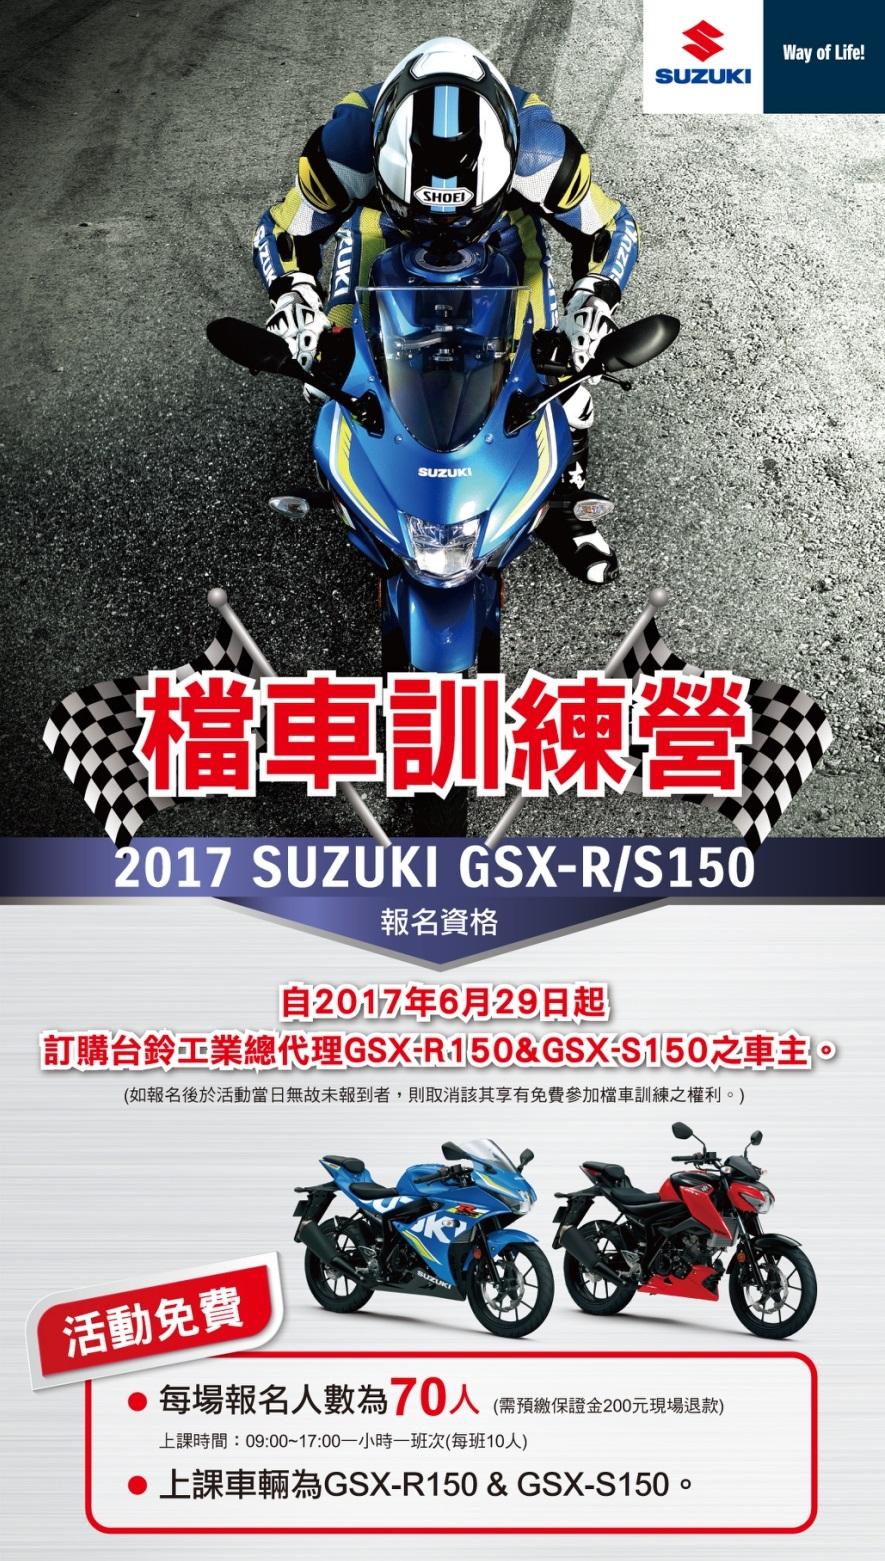 2017 SUZUKI GSX-R/S150檔車訓練營